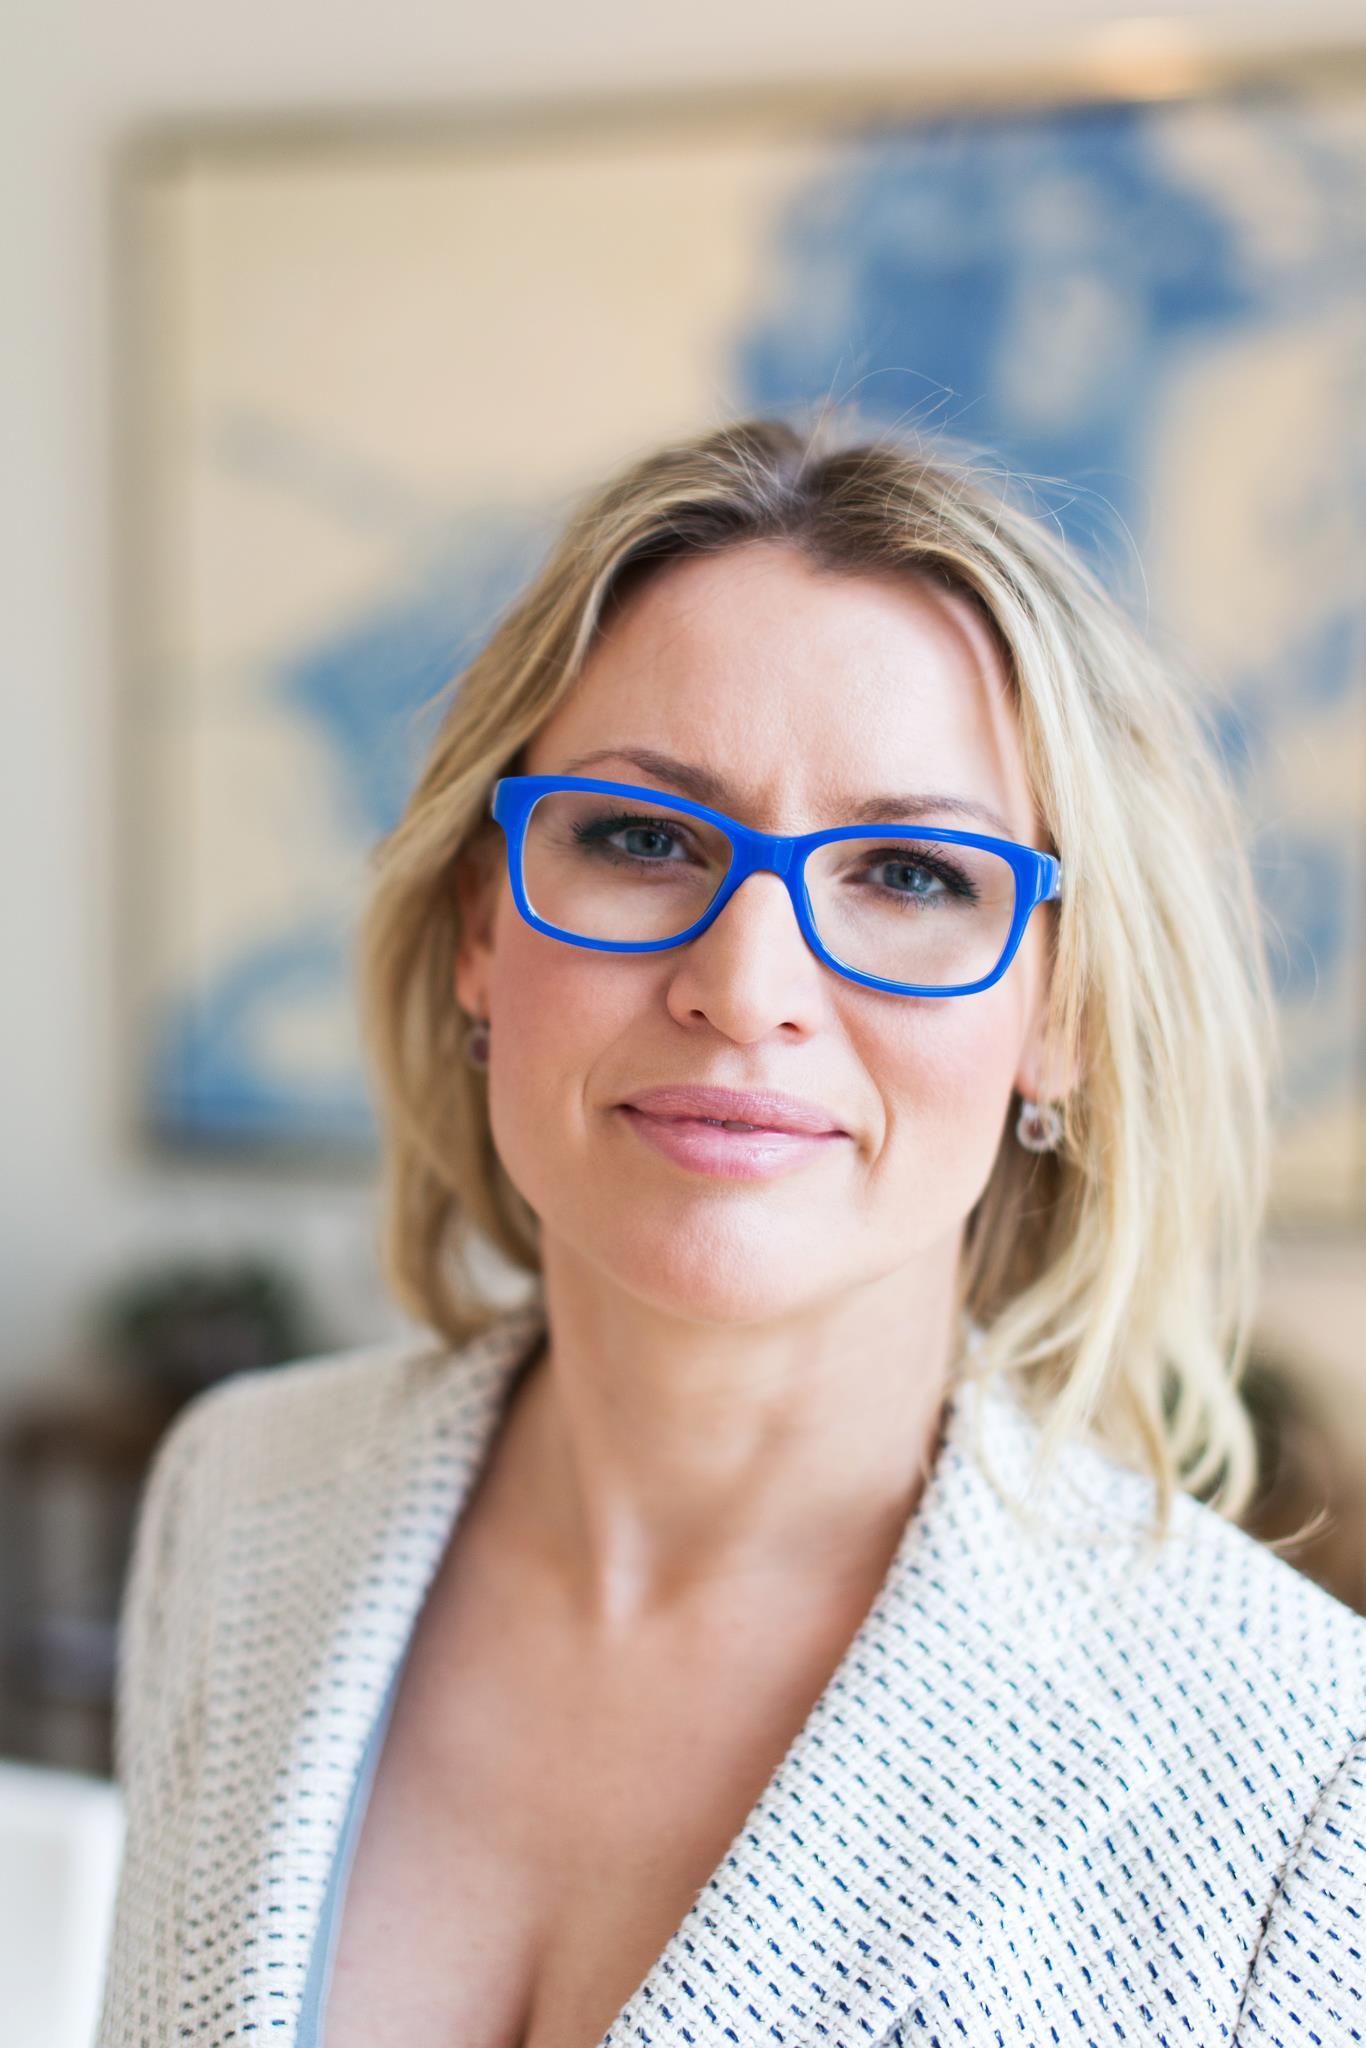 Refund.me founder Eve Buechner